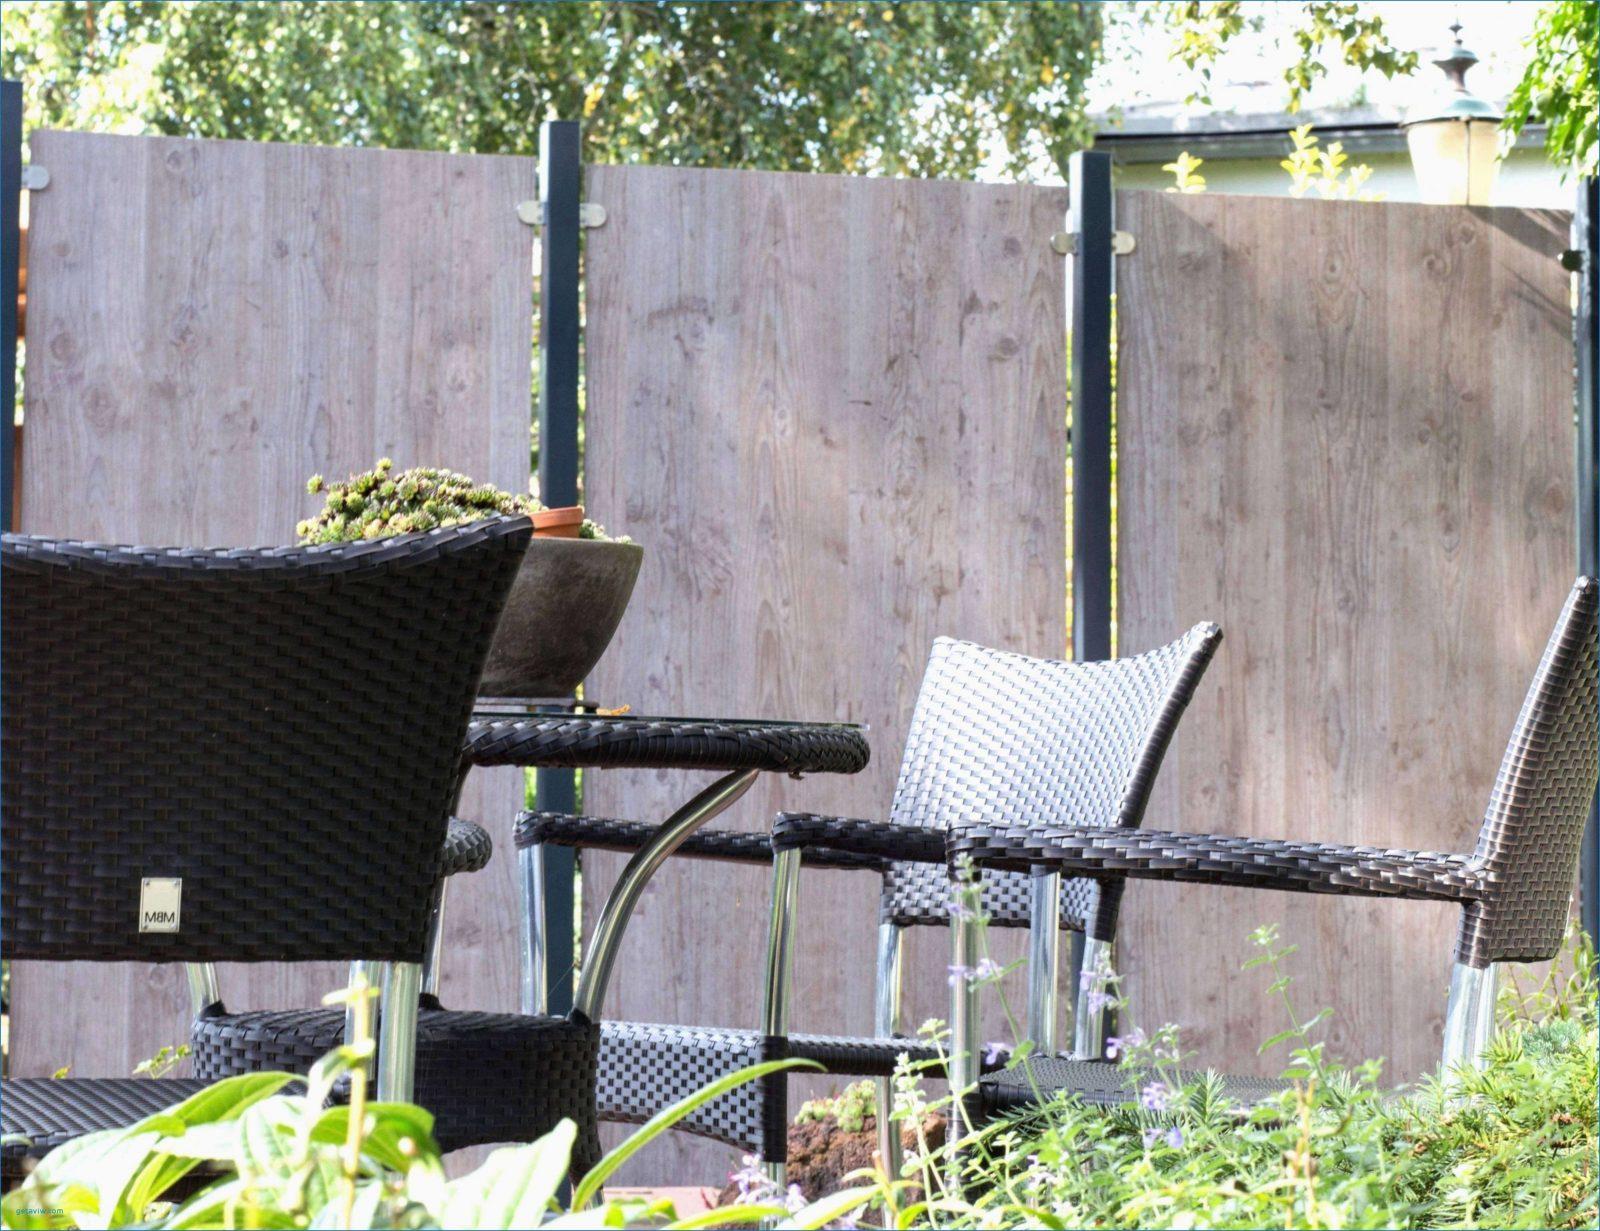 Sichtschutz Selber Bauen Schema Von Kreativer Sichtschutz Selber von Kreativer Sichtschutz Selber Bauen Photo